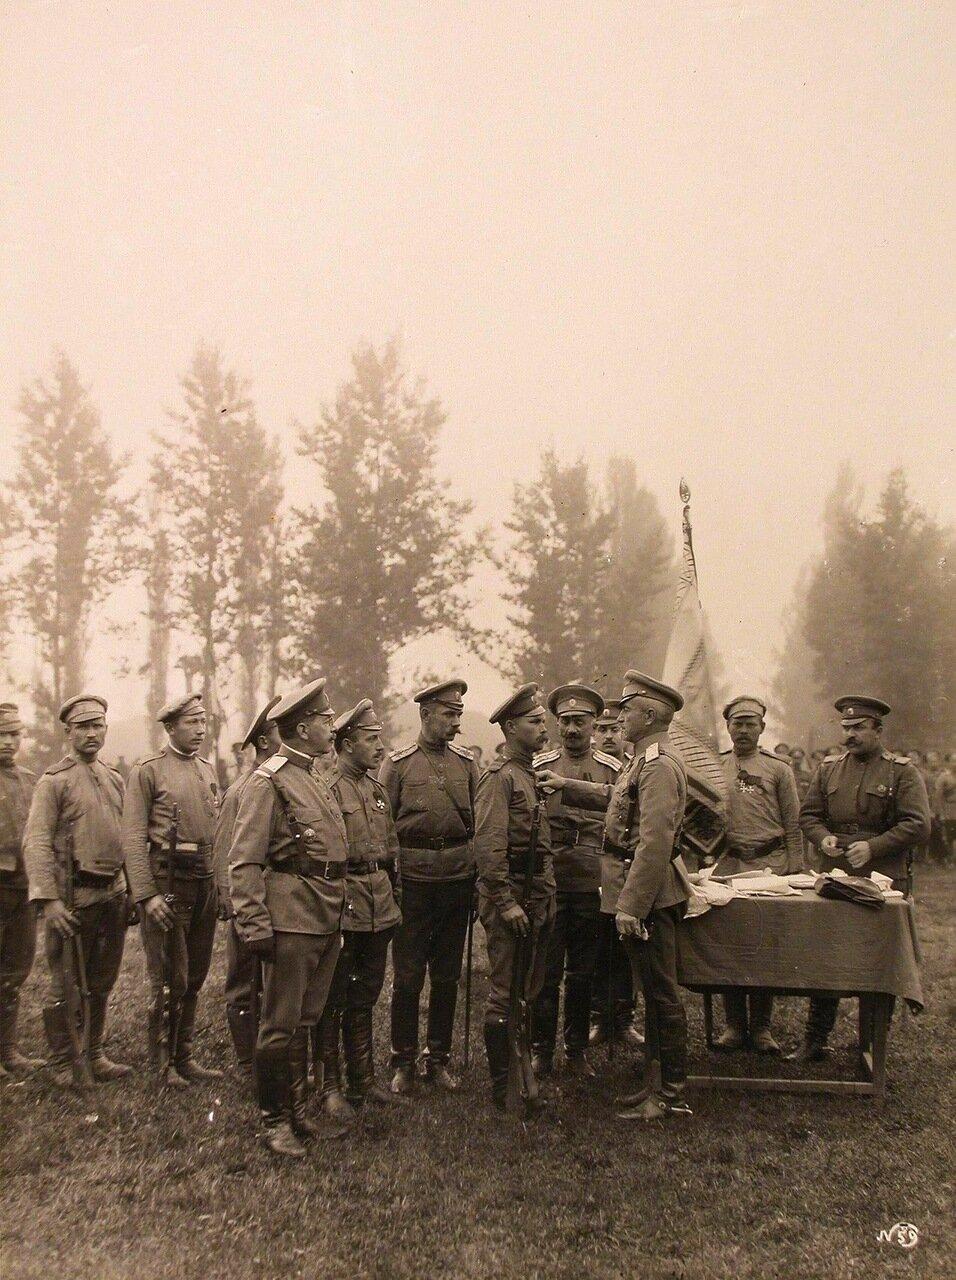 16. Командир 24-го армейского корпуса генерал от кавалерии Цуриков(третий справа)во время награждения бойцов Георгиевскими крестами